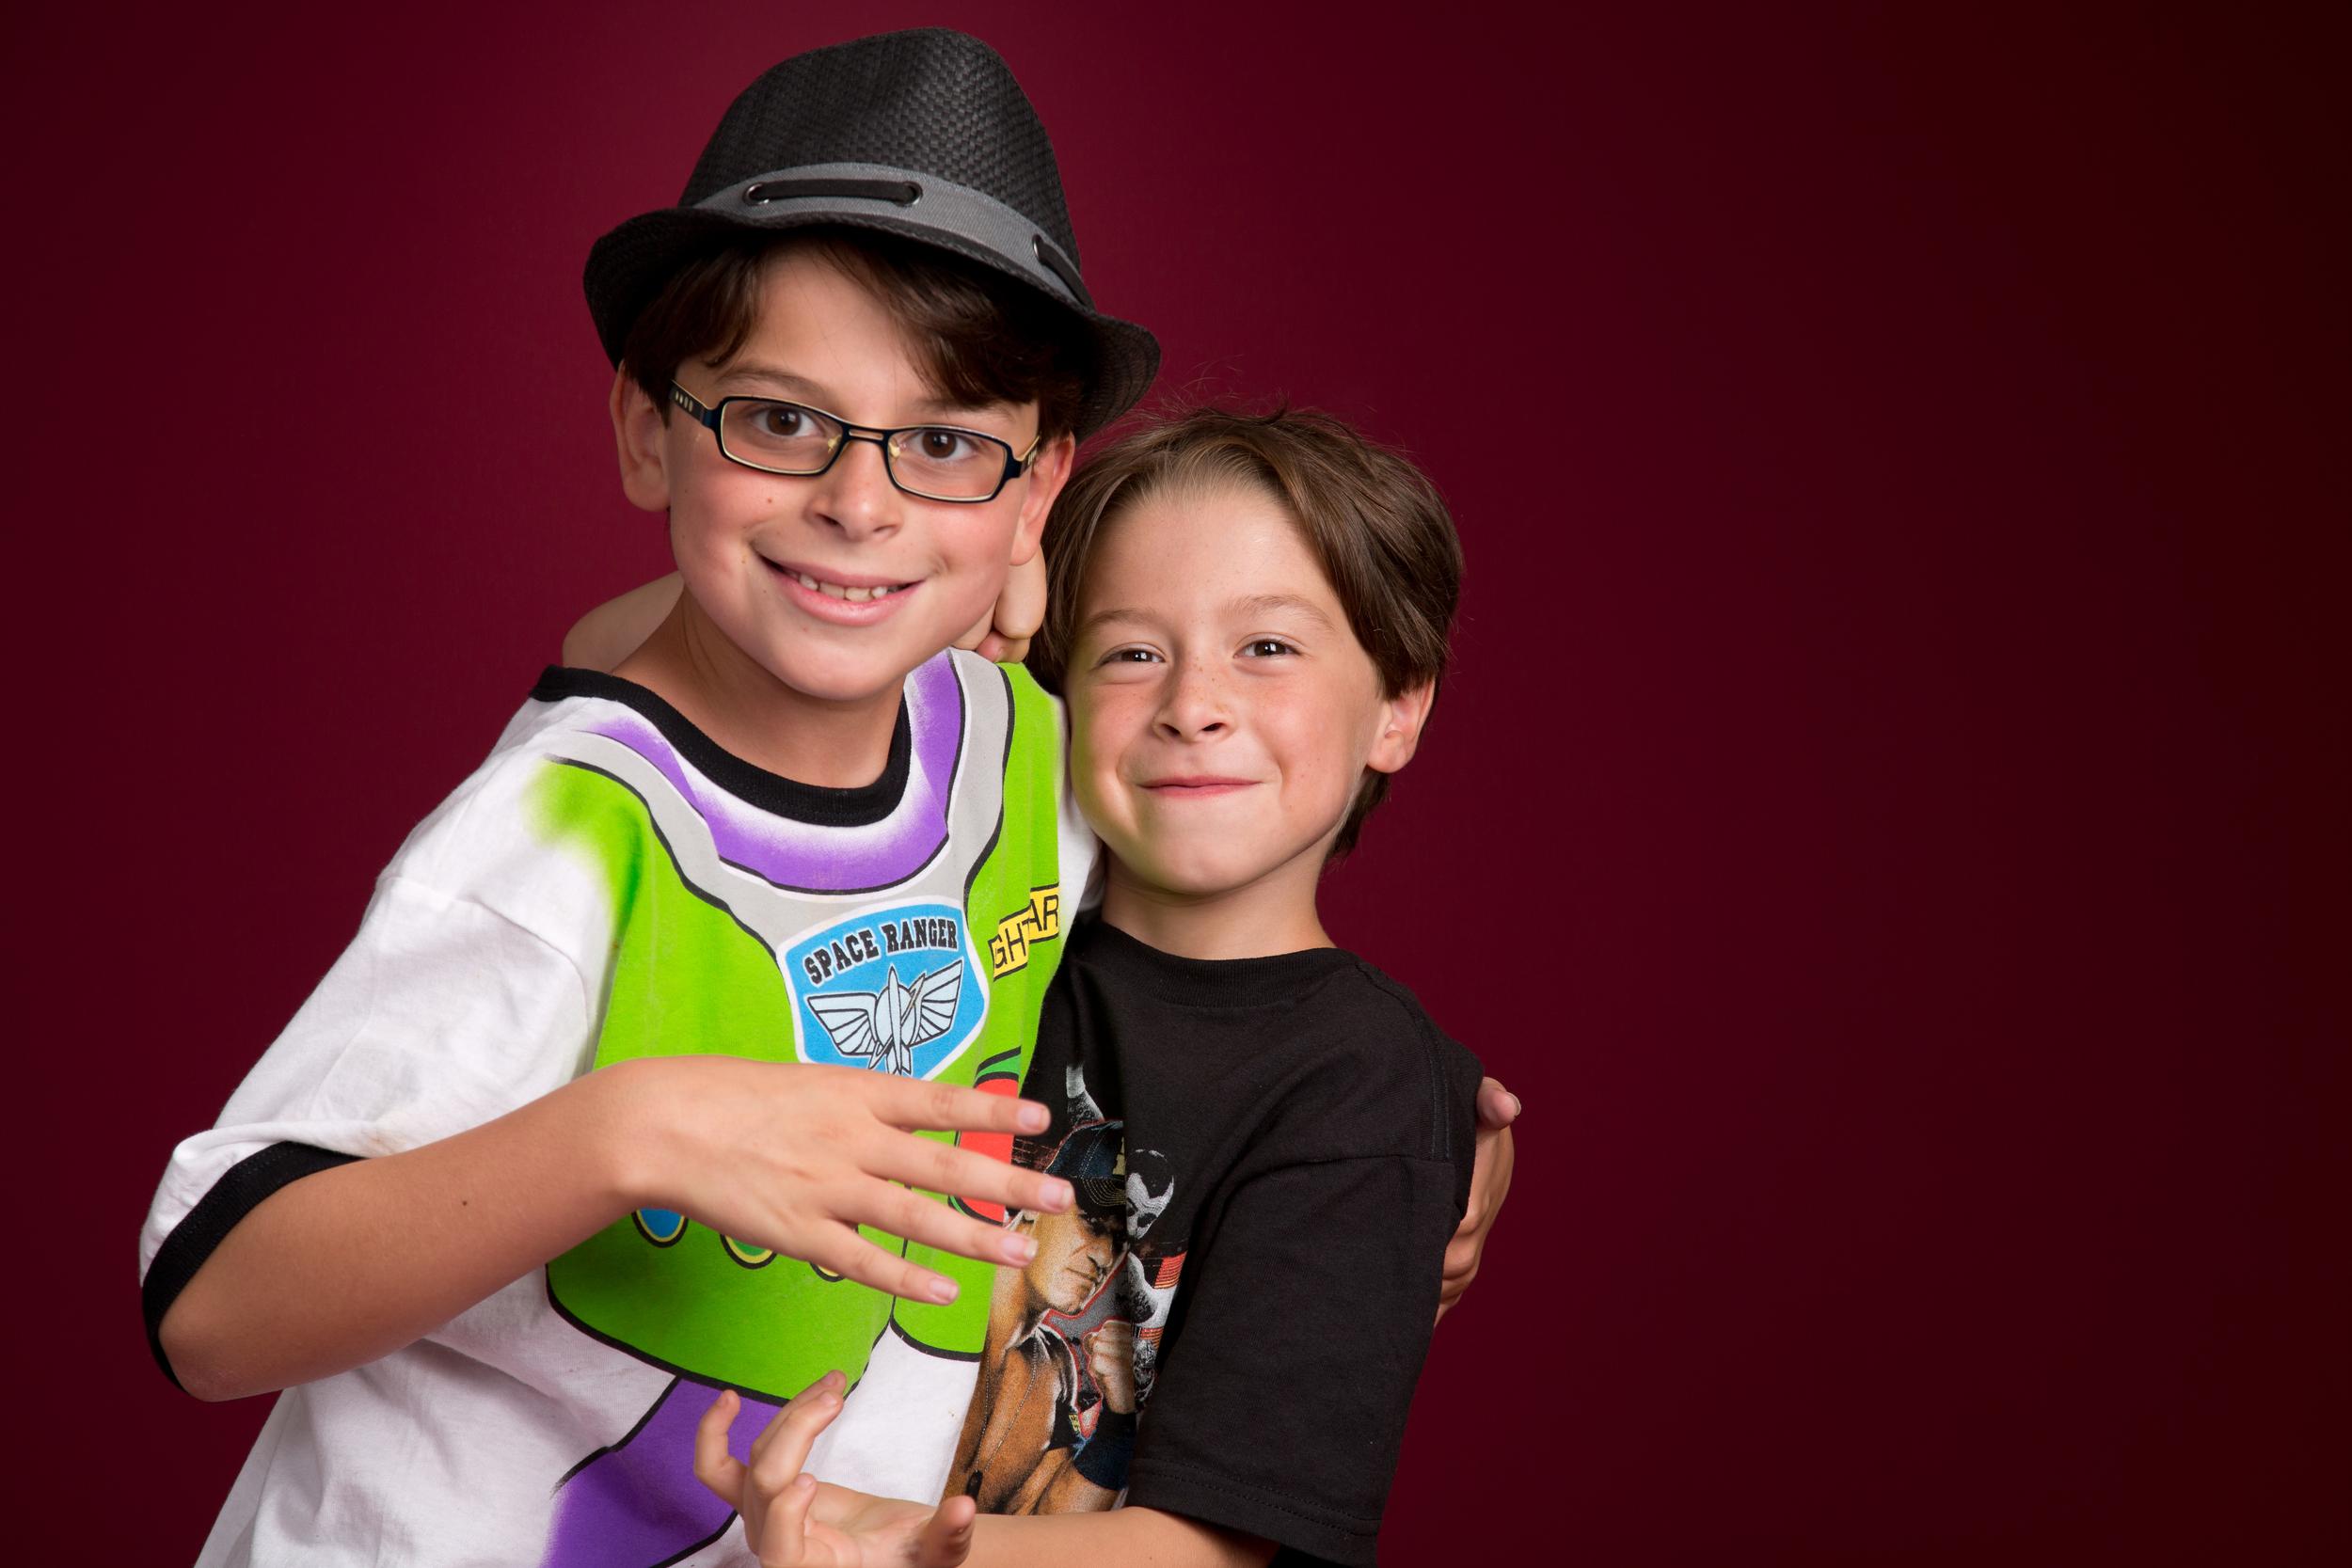 Ethan&Adin2013_07_26__9999_194.jpg